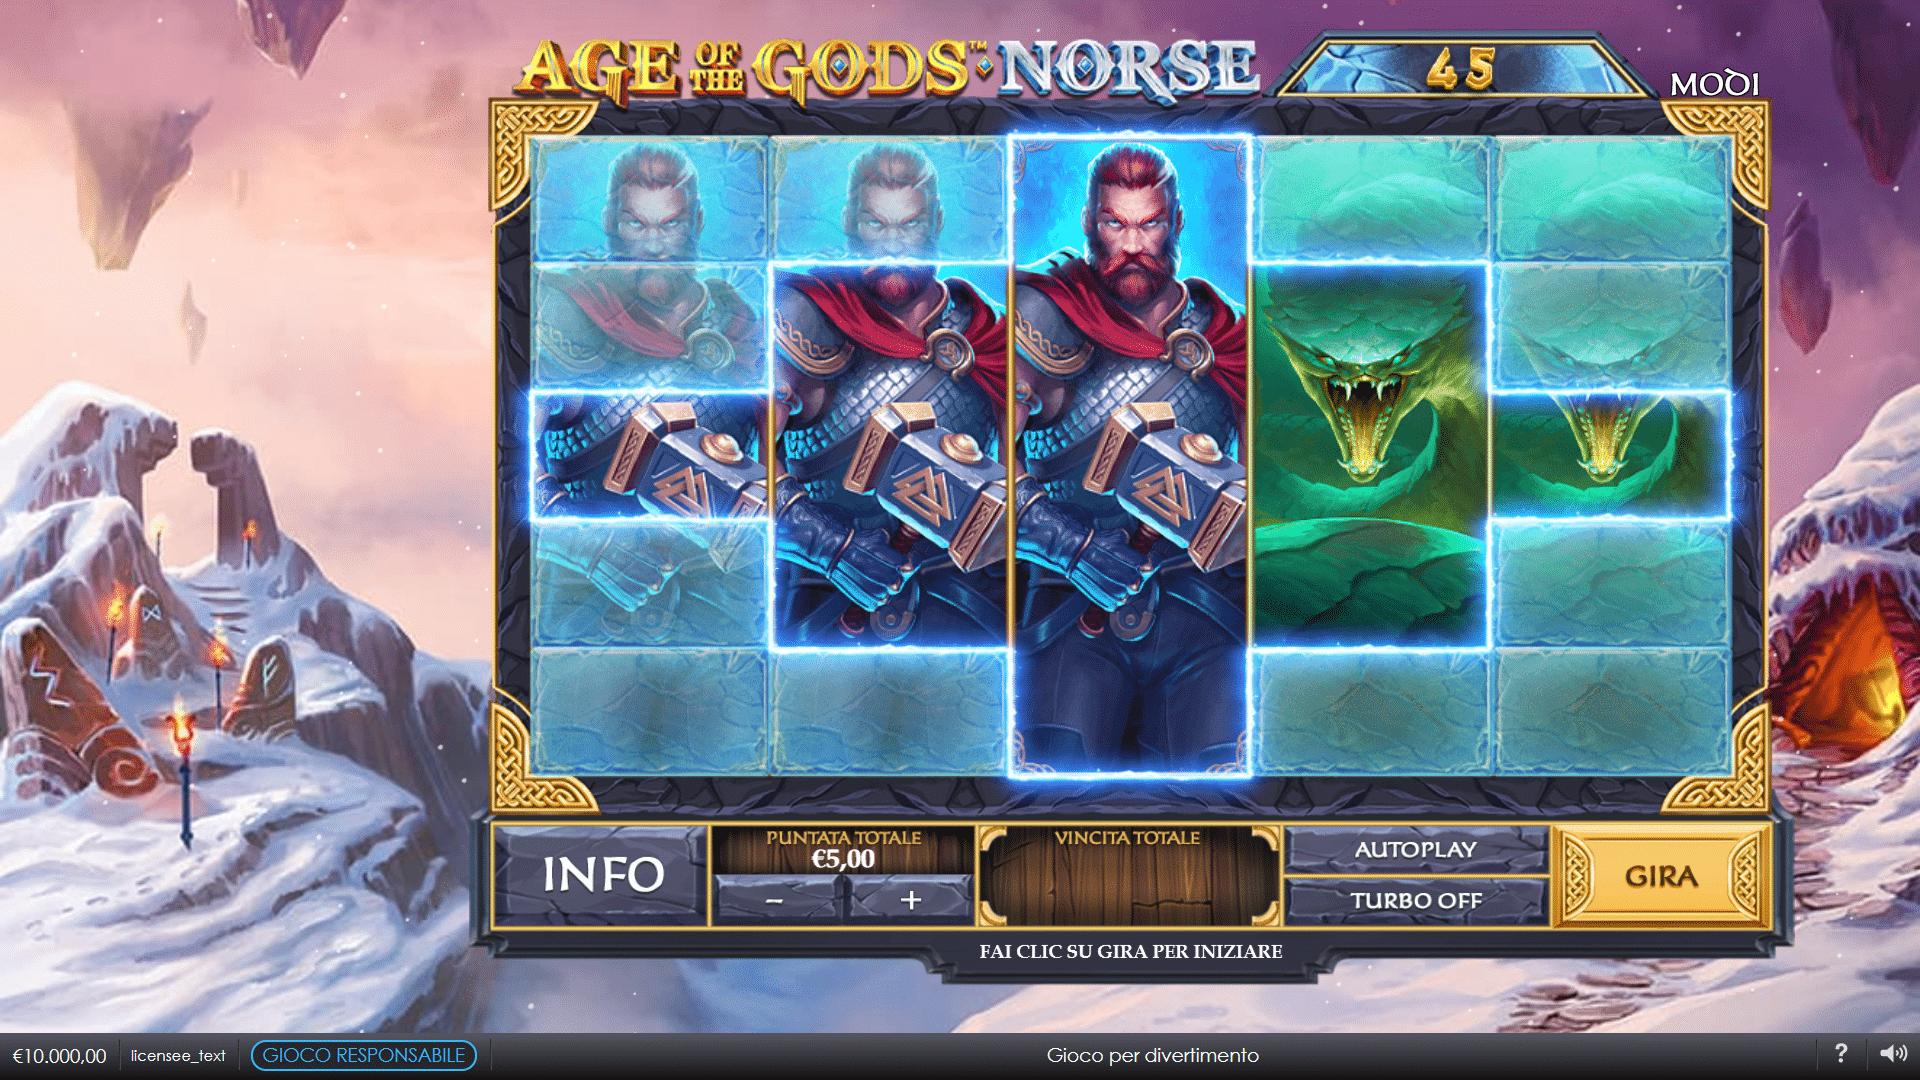 Slot Age of the Gods Norse: Ways of Thunder